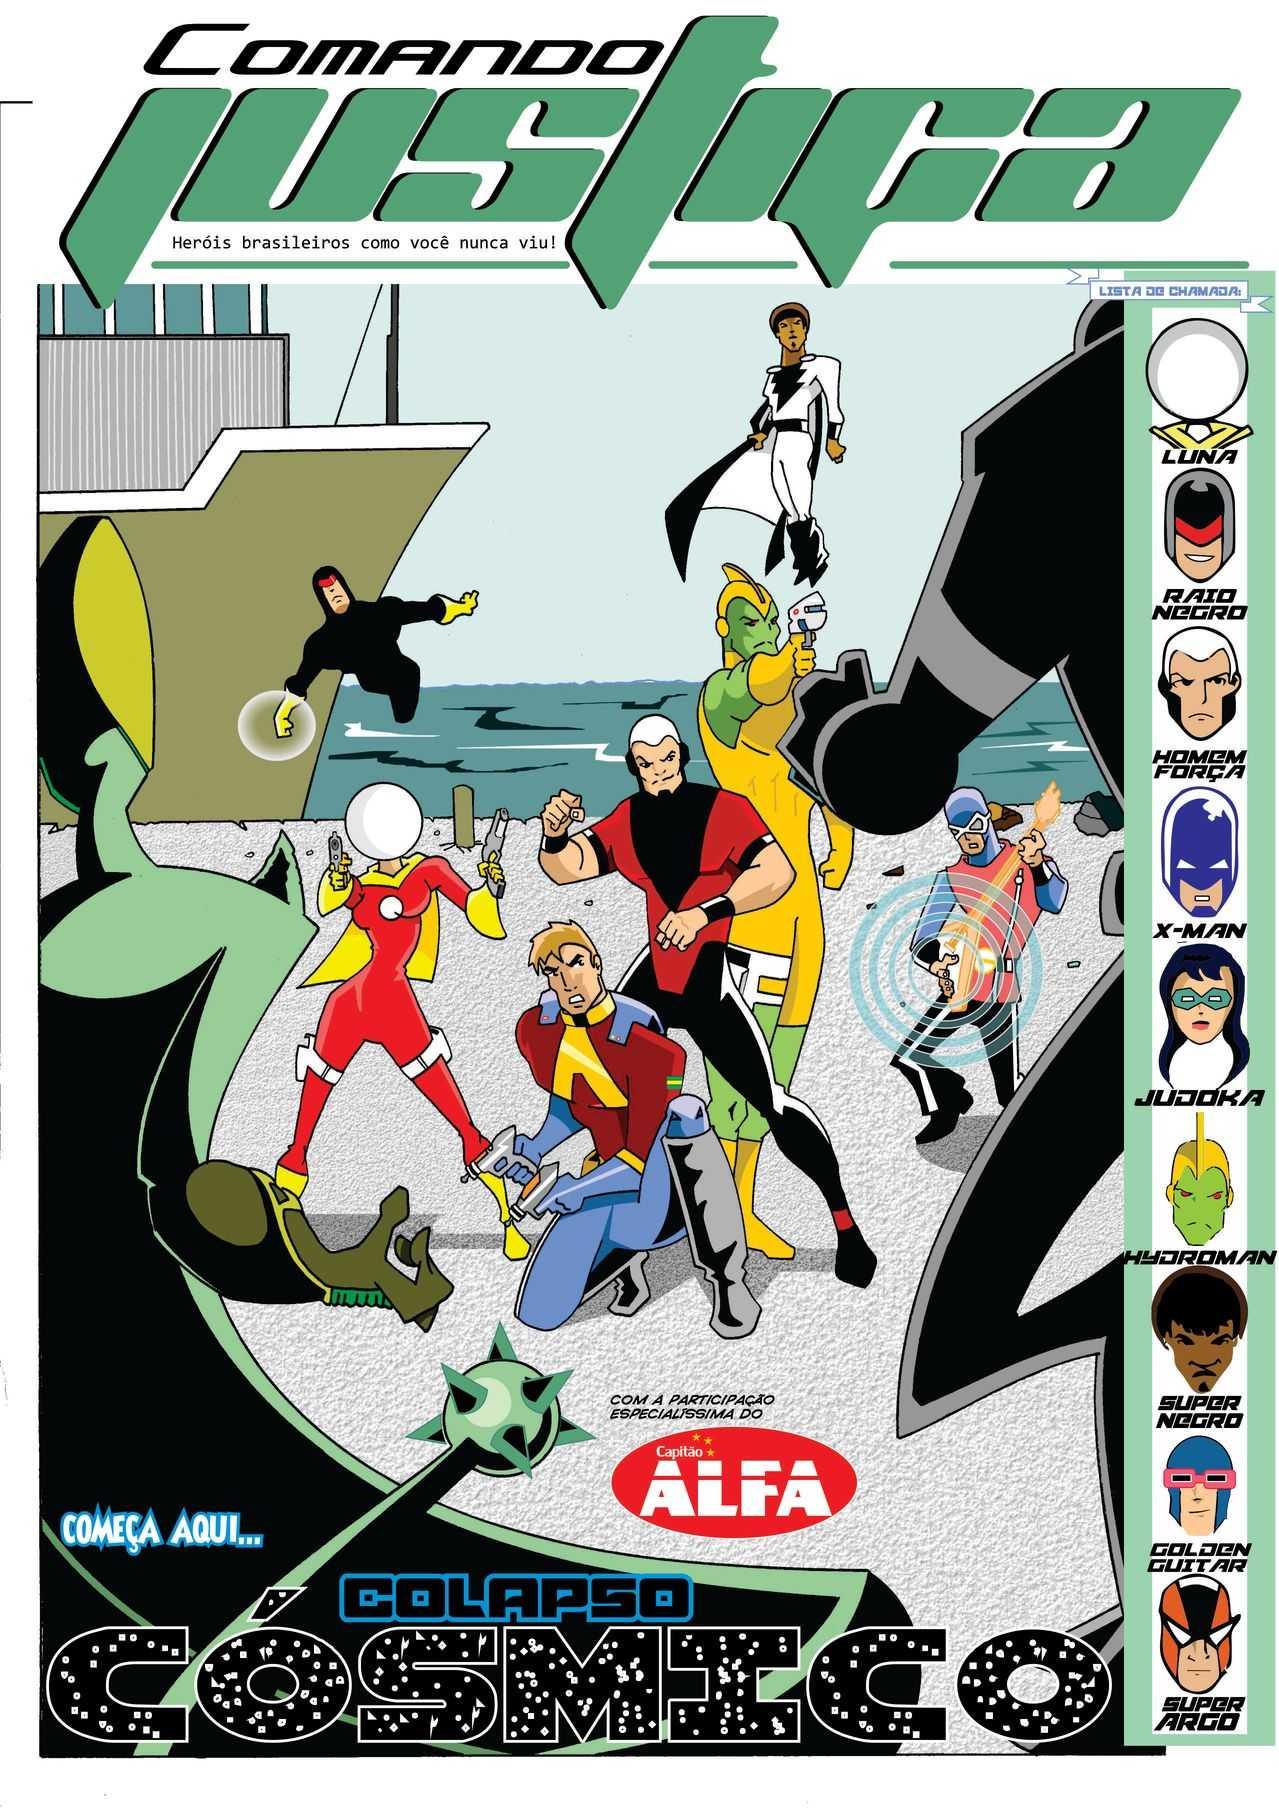 uma nova saga, que irá levar os heróis do COMANDO ao espaço sideral, e junto com diversos personagens da HQ brasileira com os quais até então não haviam interagido! Começa aqui COLAPSO CÓSMICO!!